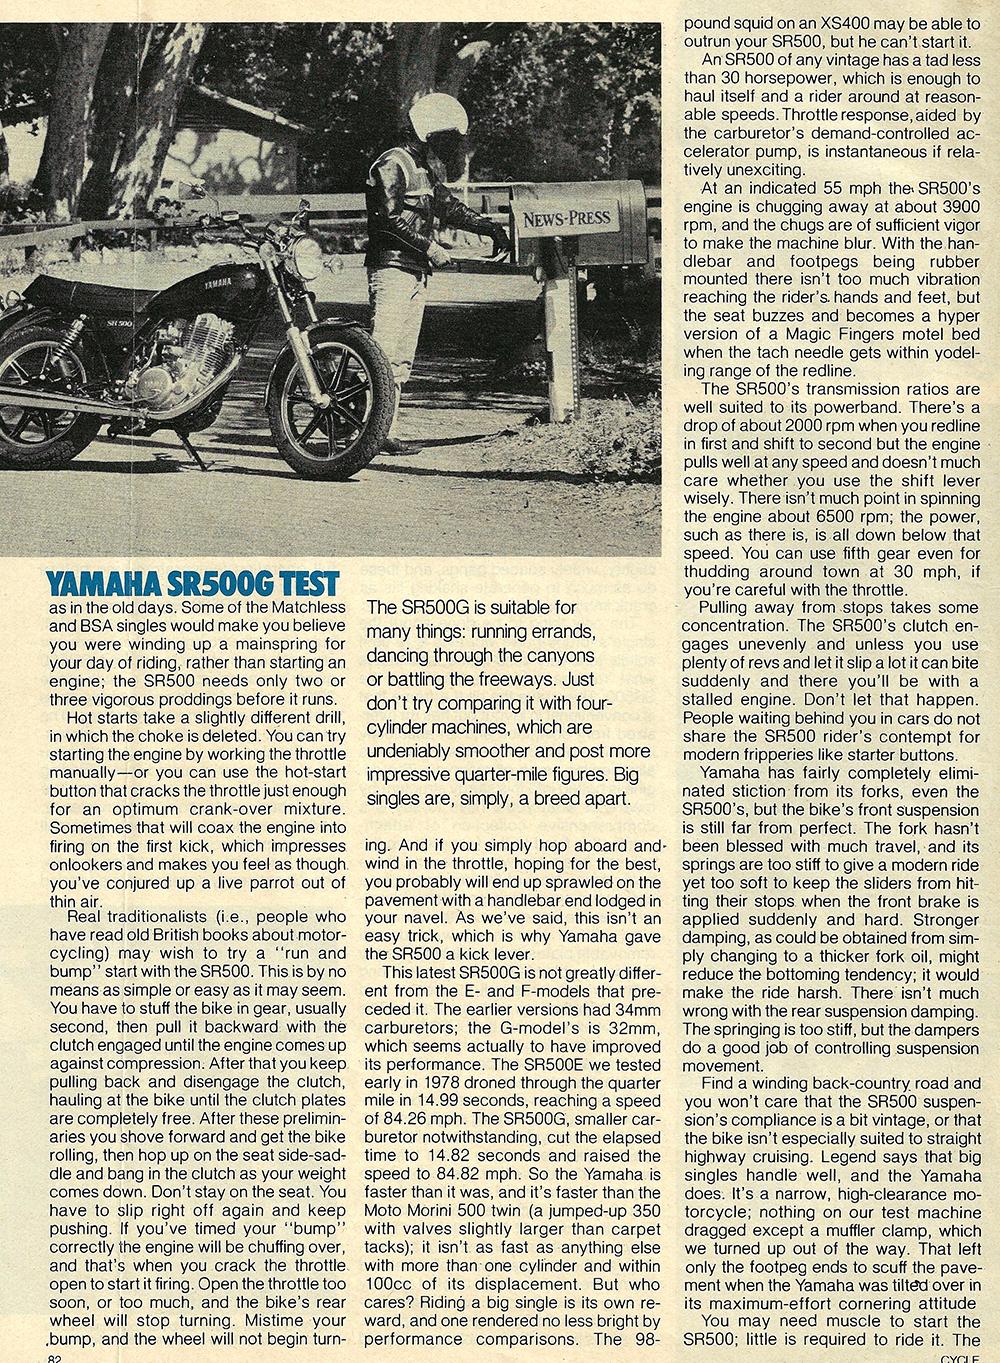 1980 Yamaha SR500 G road test 05.jpg